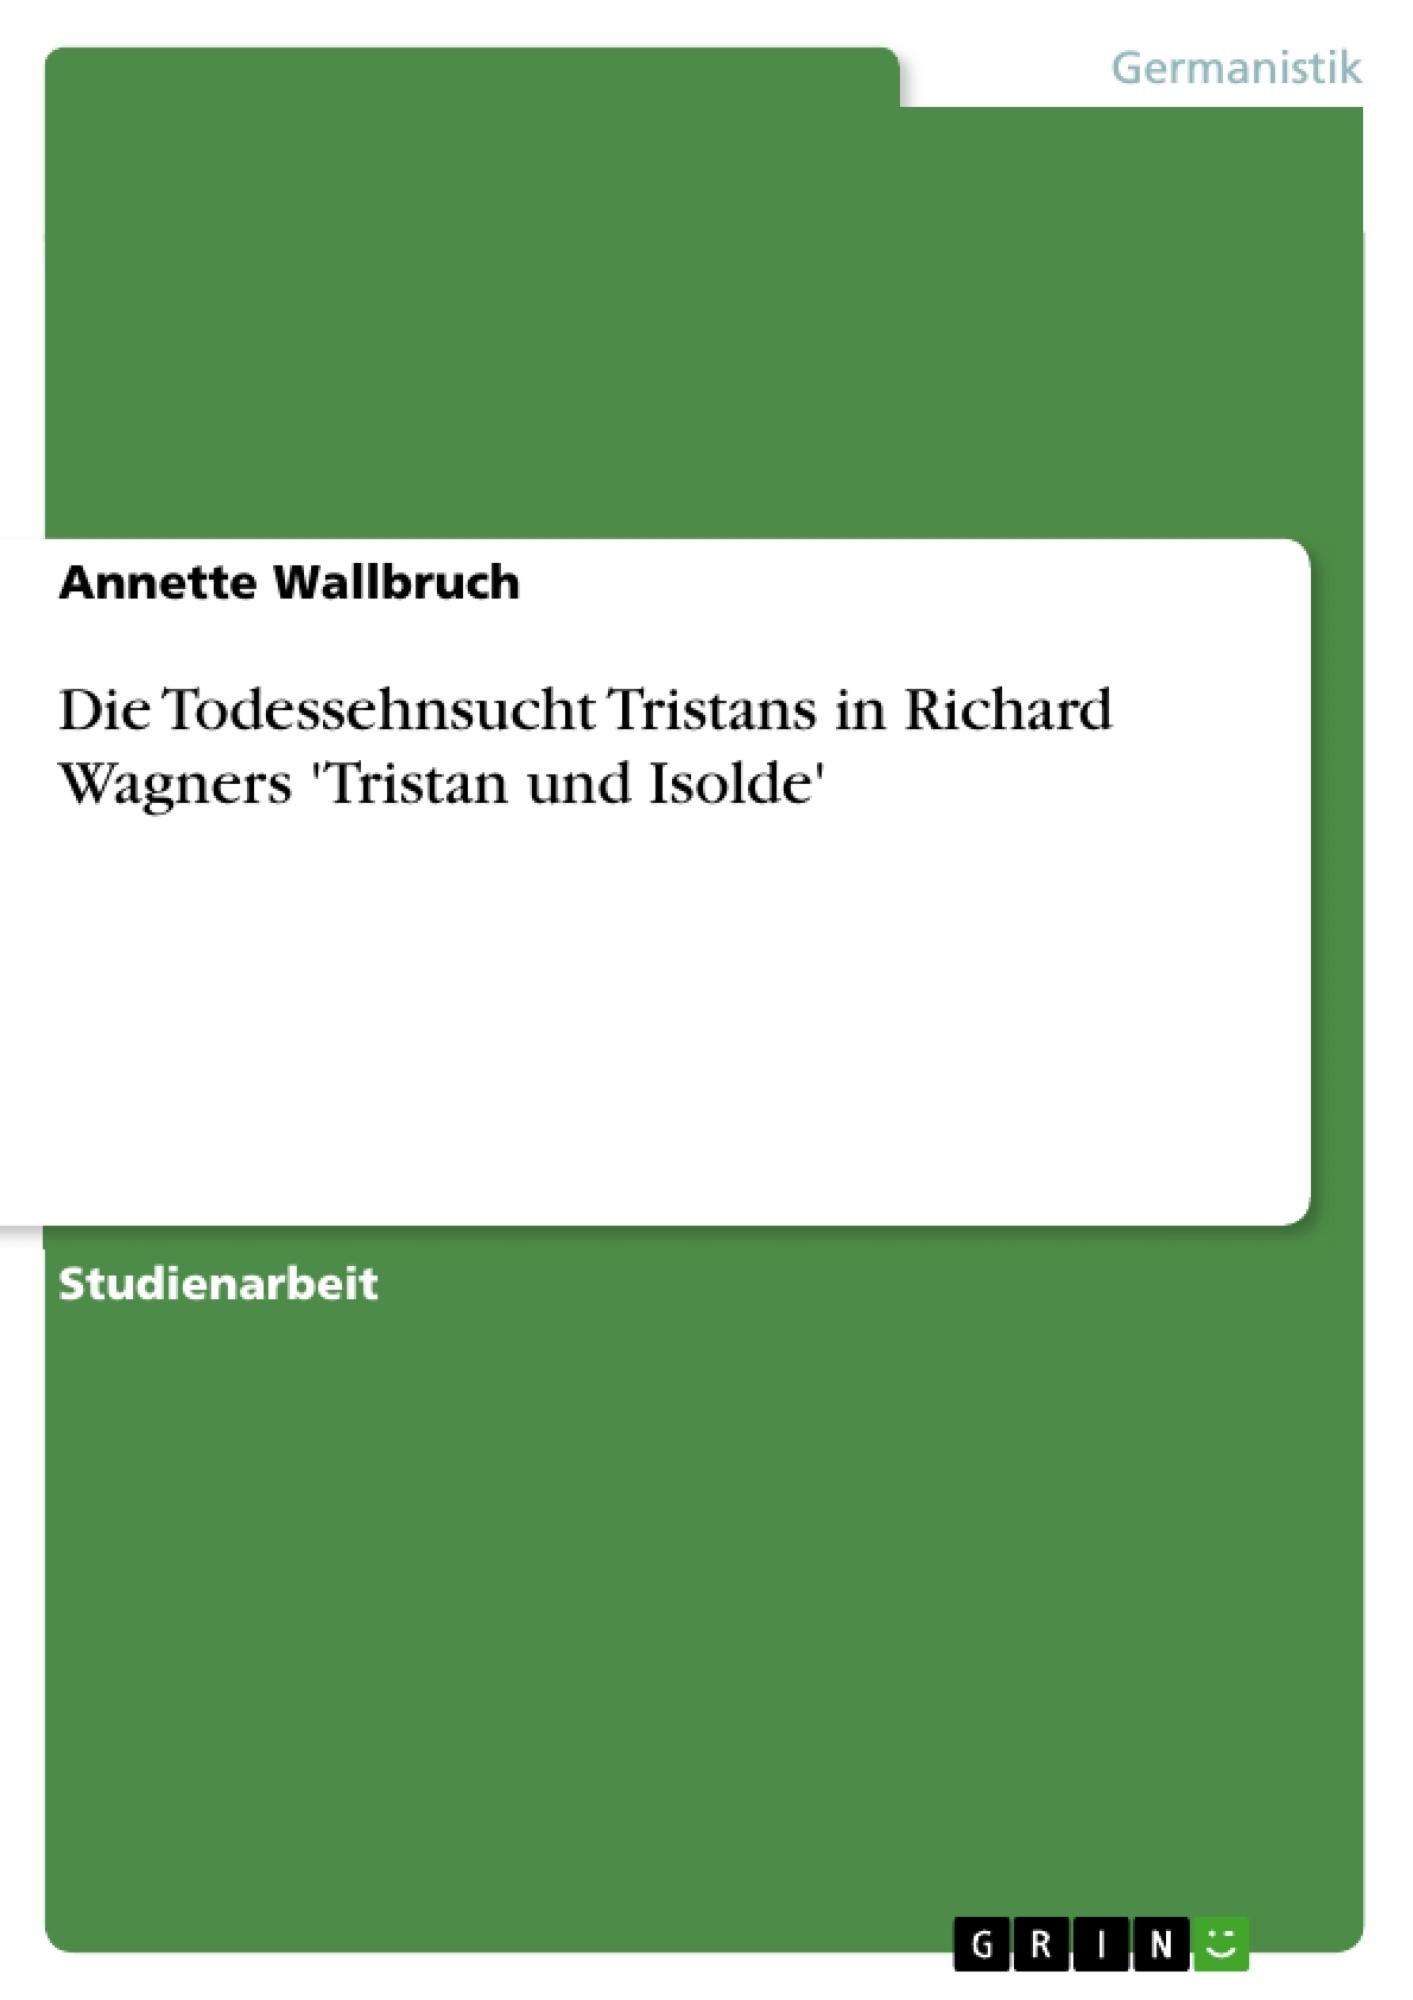 Titel: Die Todessehnsucht Tristans in Richard Wagners 'Tristan und Isolde'